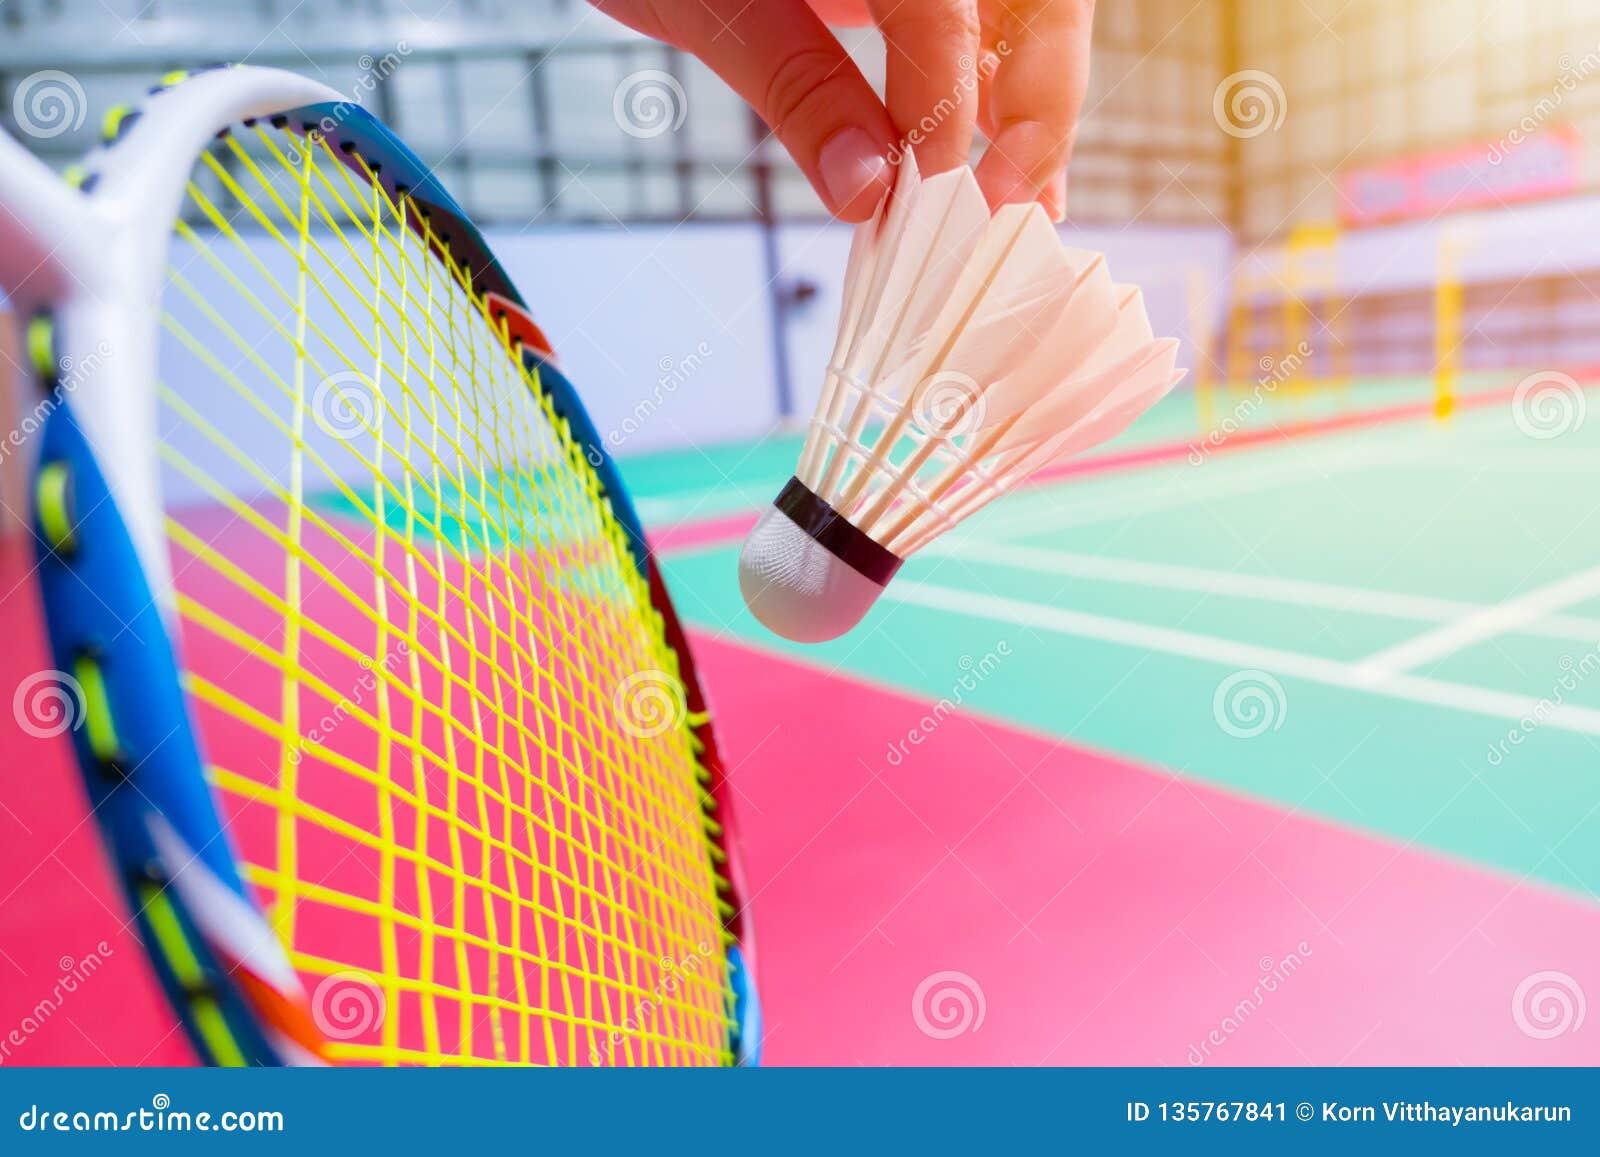 Fim acima do fundo da corte de badminton da peteca do badminton do saque da posse da mão